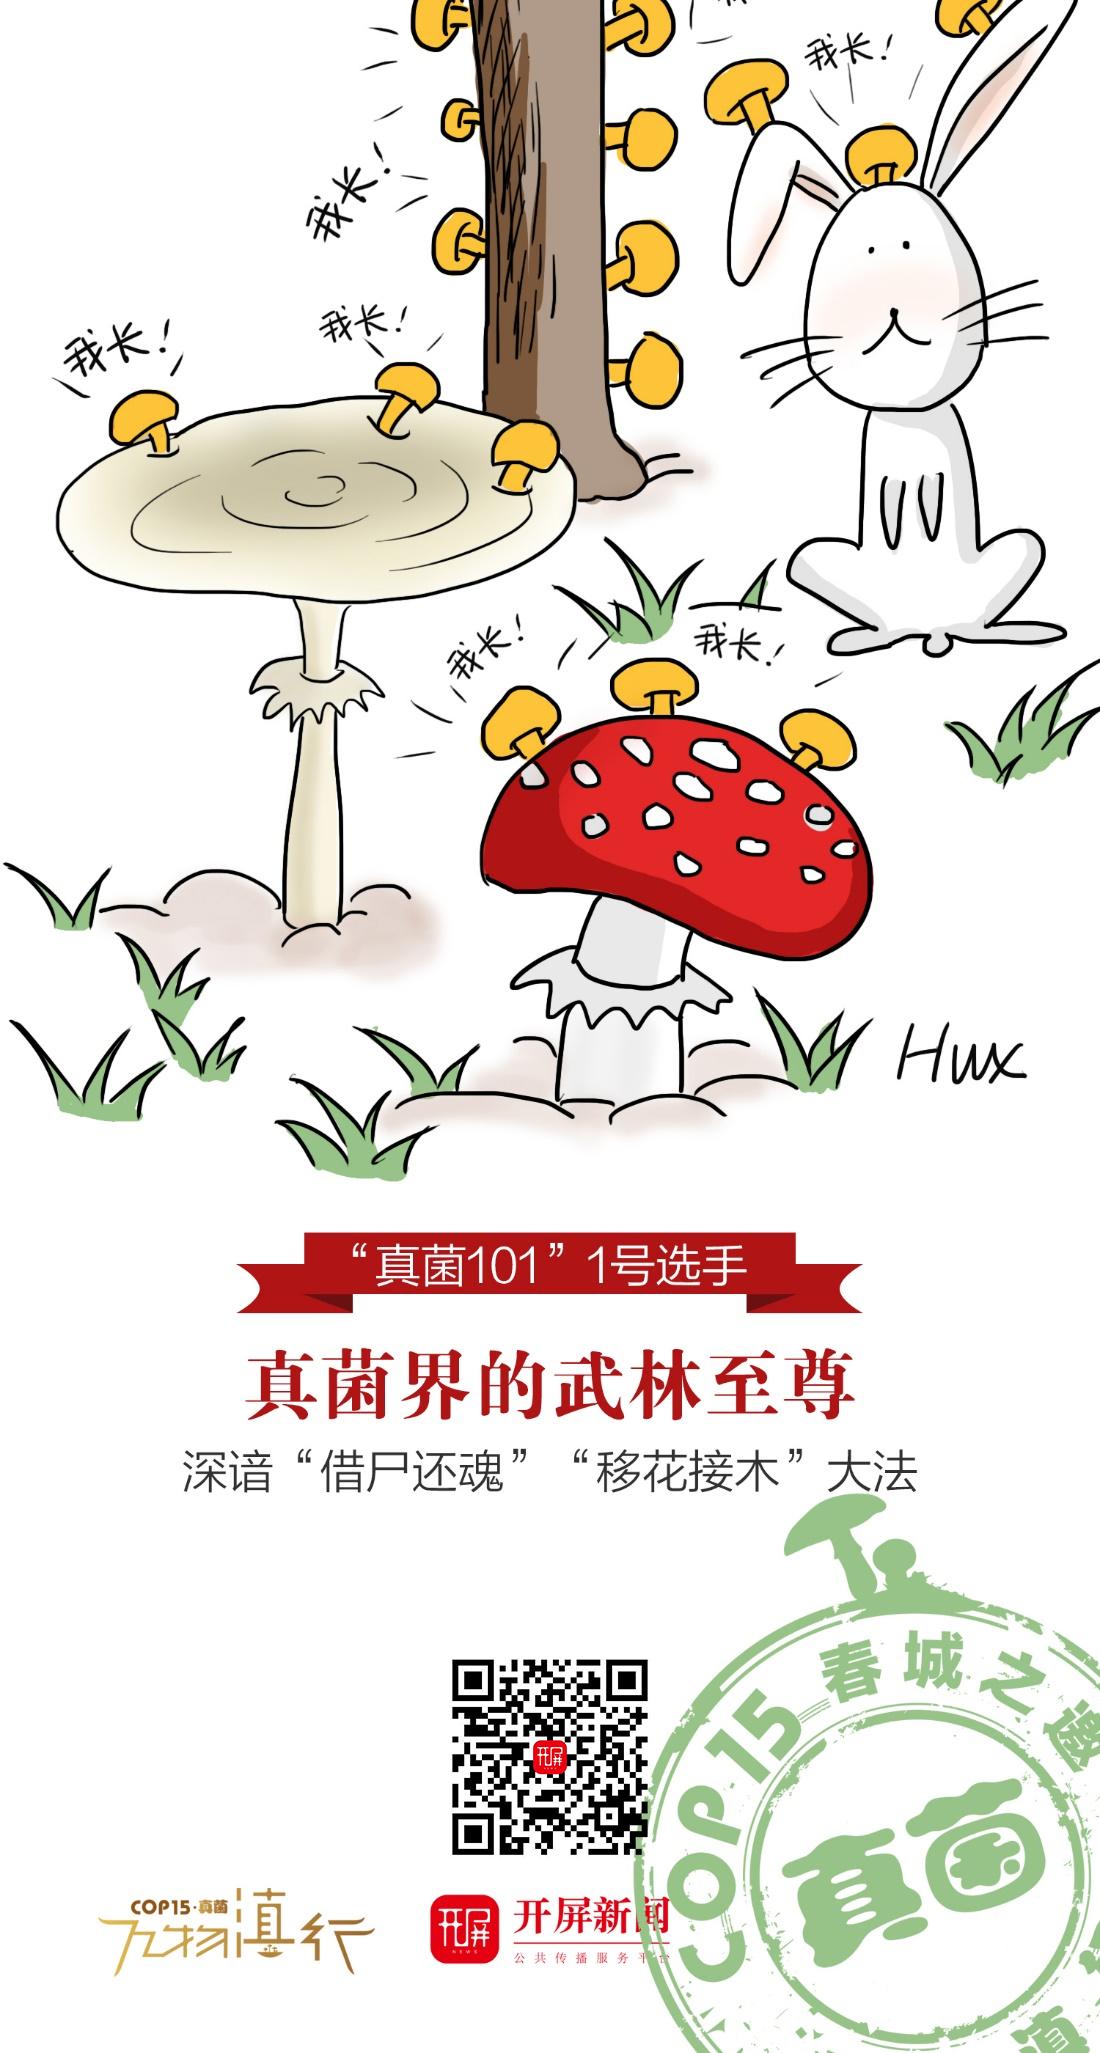 【万物滇行】菌瘿伞海报